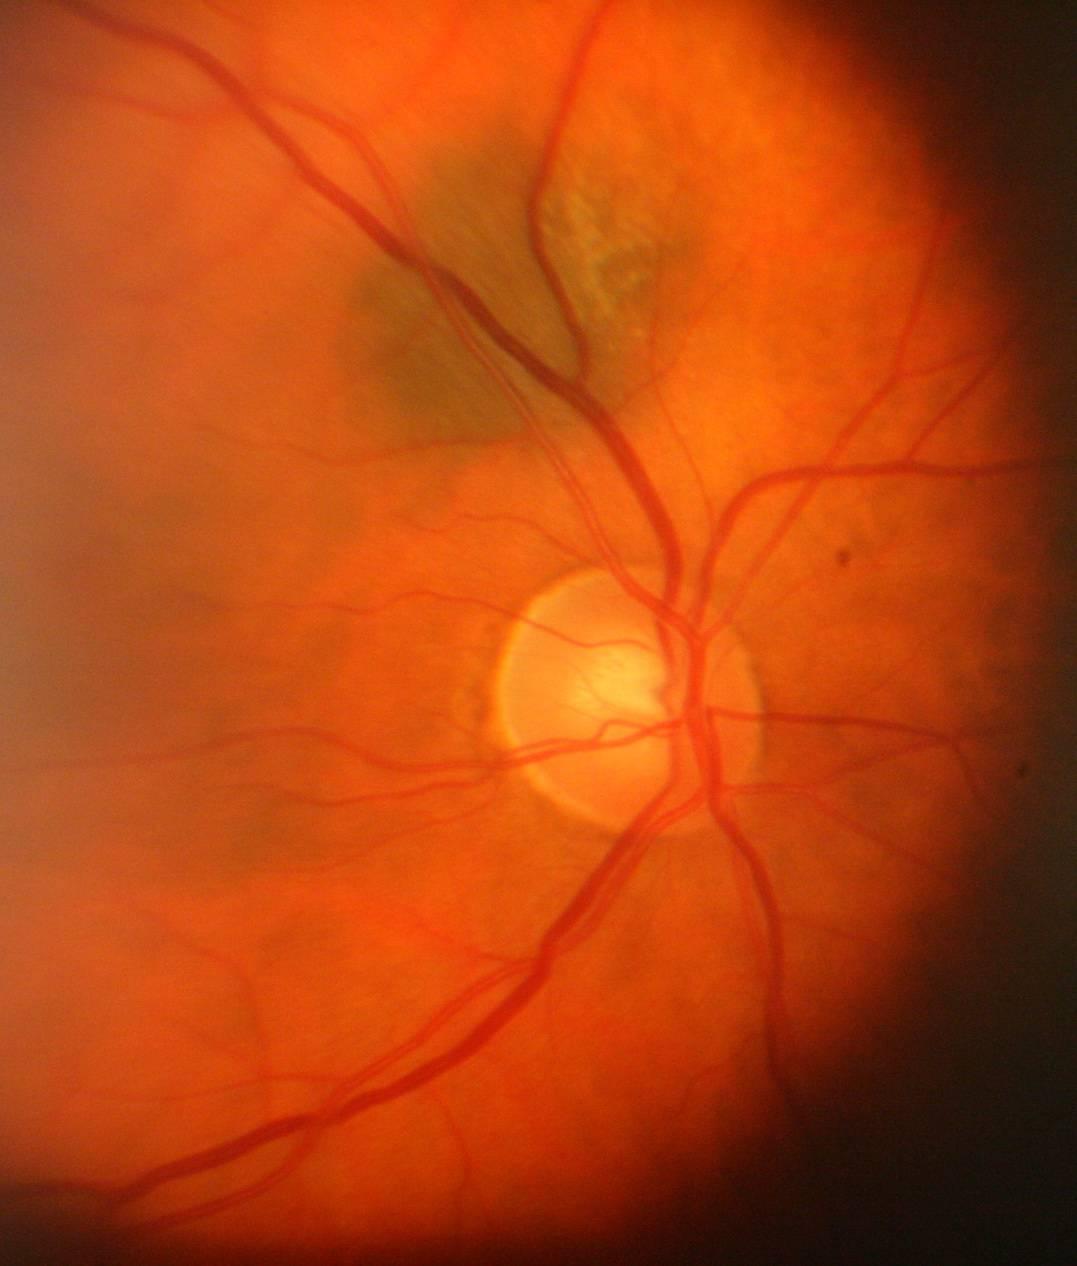 Невус хориоидеи глаза что это - все о здоровье